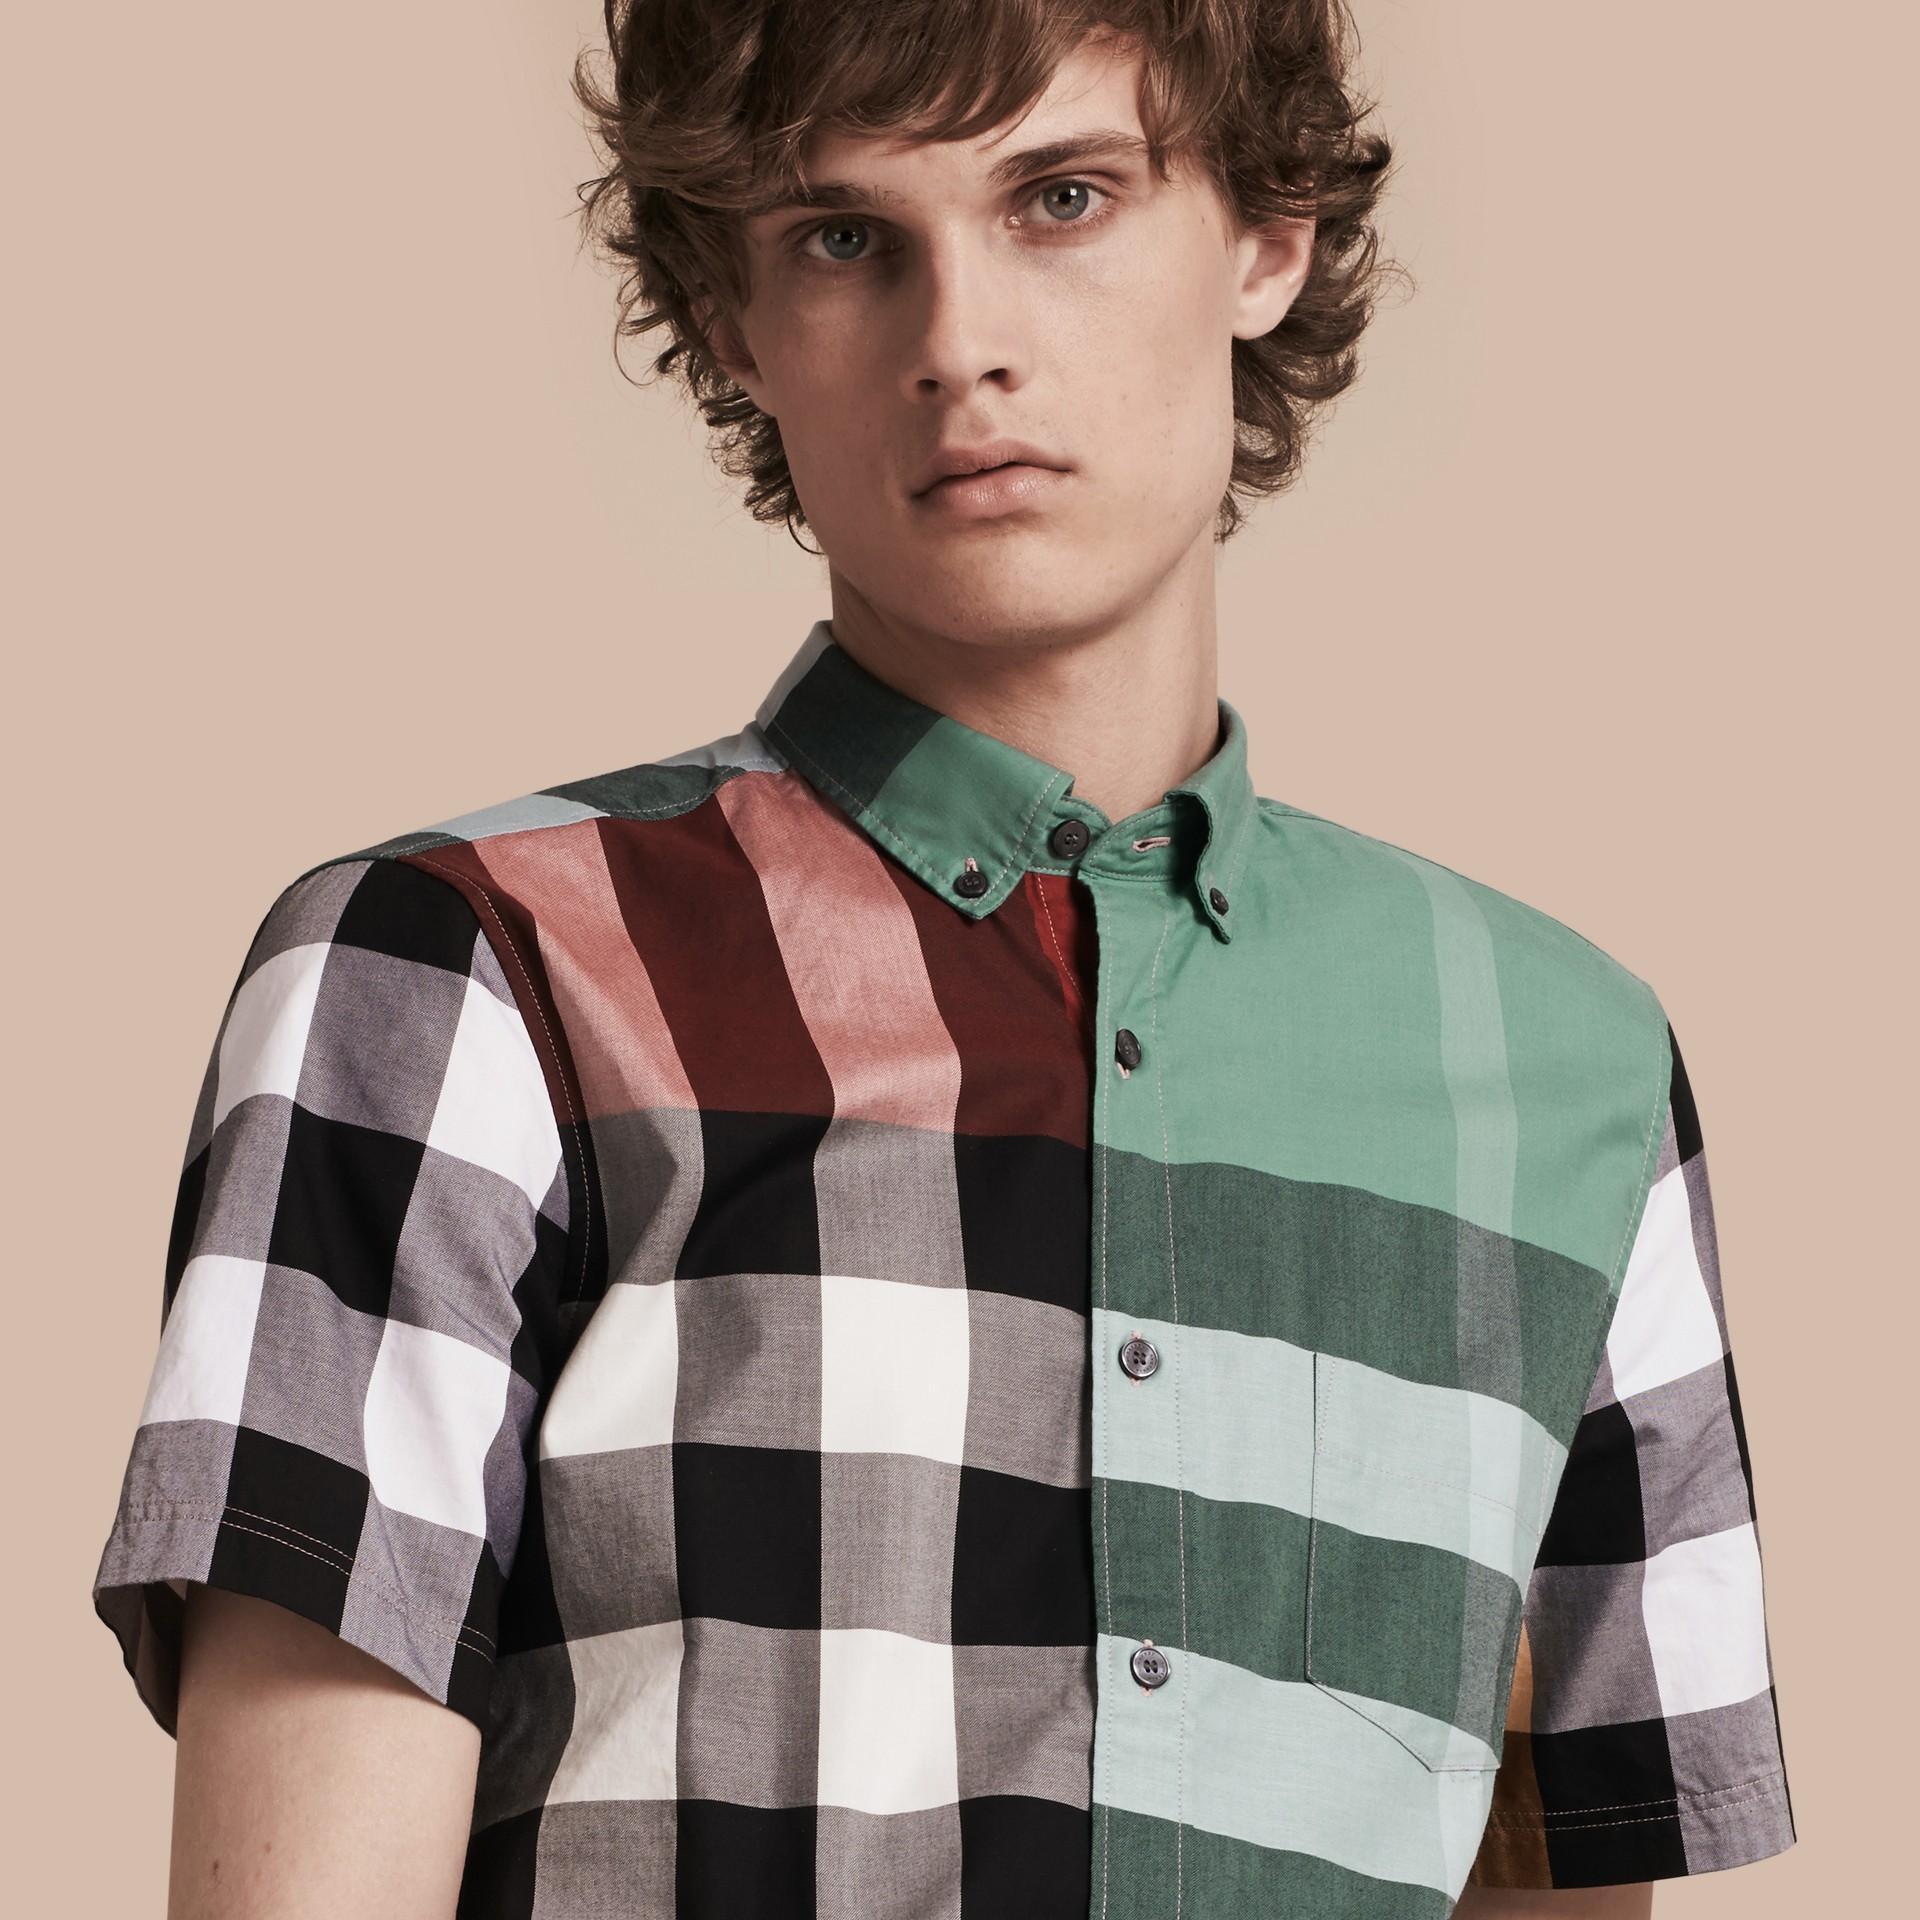 Parade red Camisa de algodão de mangas curtas e estampa Colour Block xadrez Parade Red - galeria de imagens 1